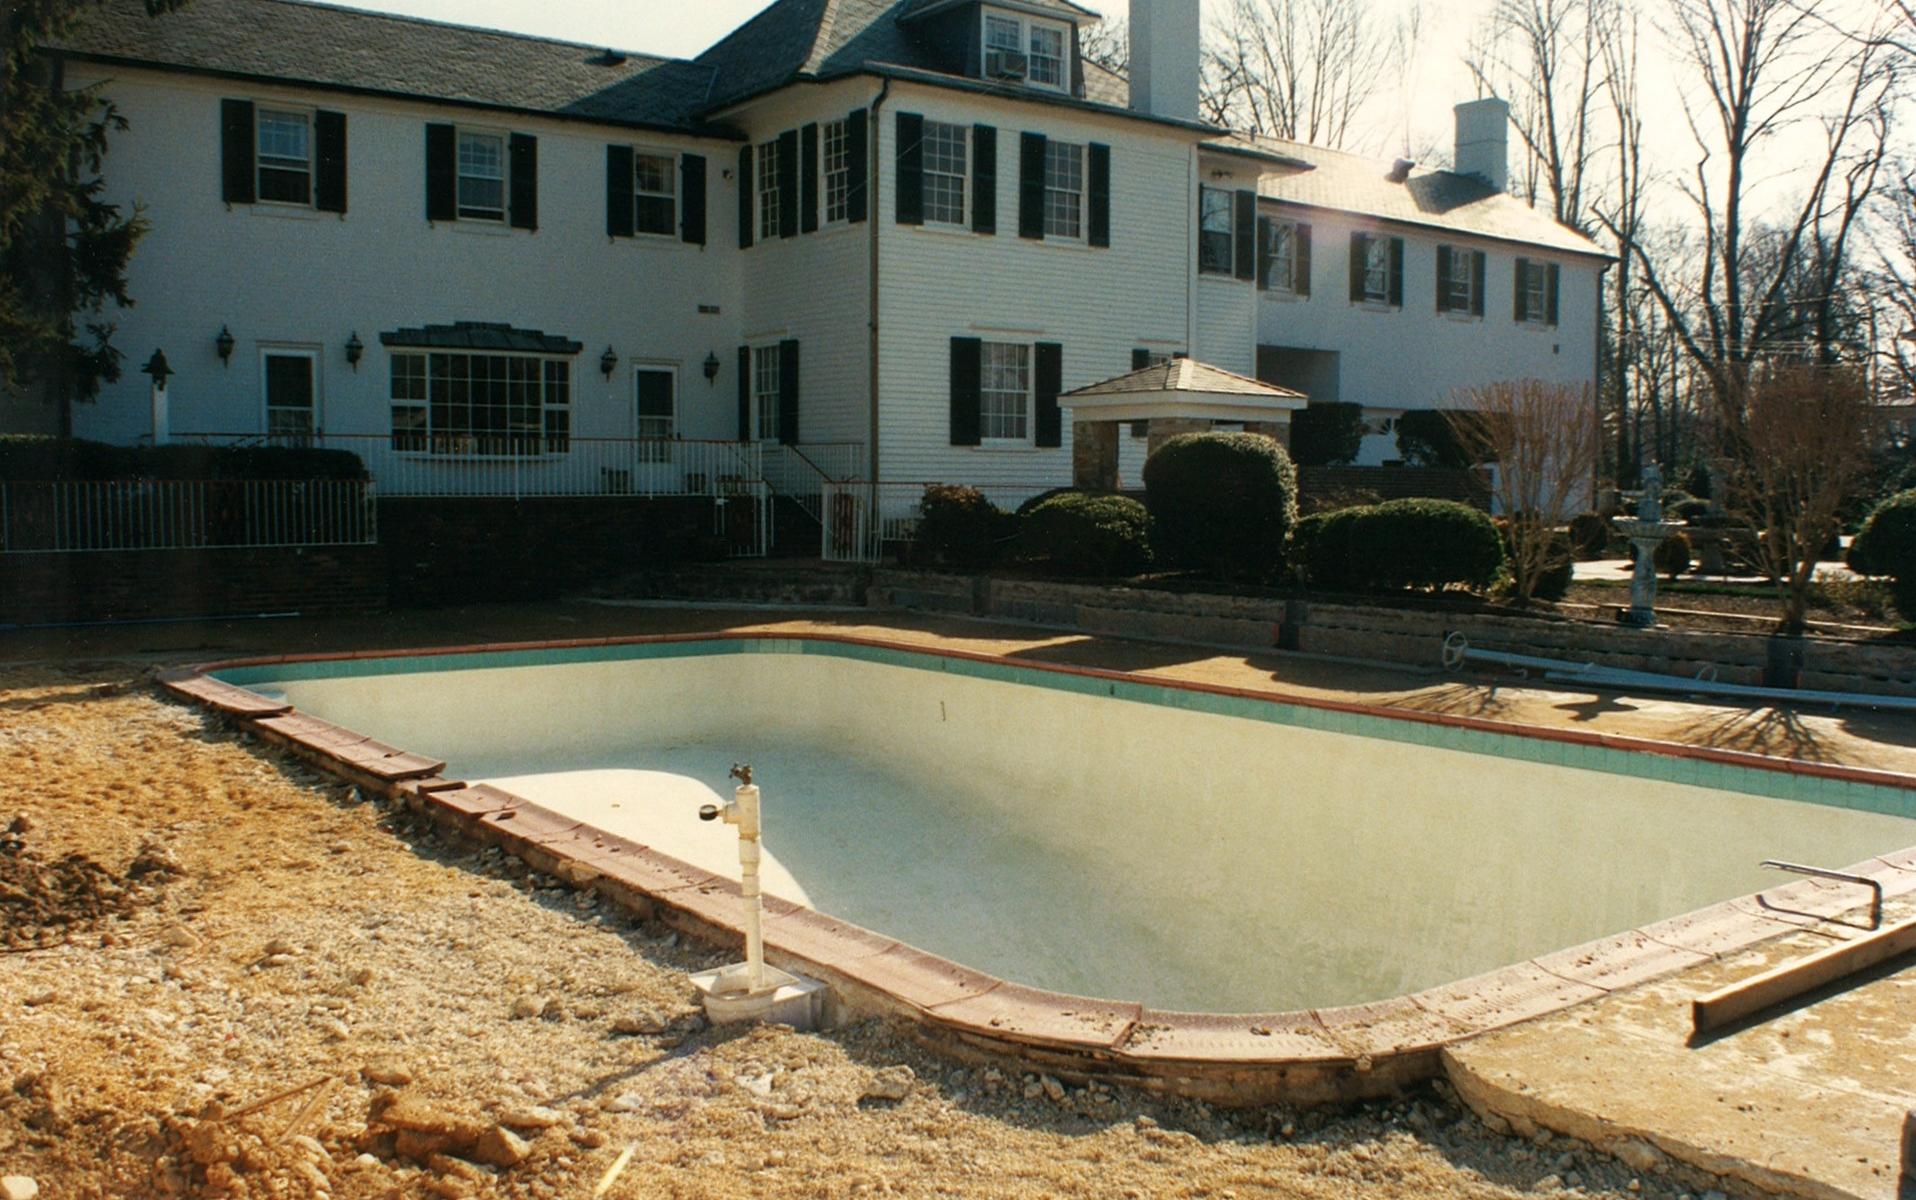 landscaping around an inground pool